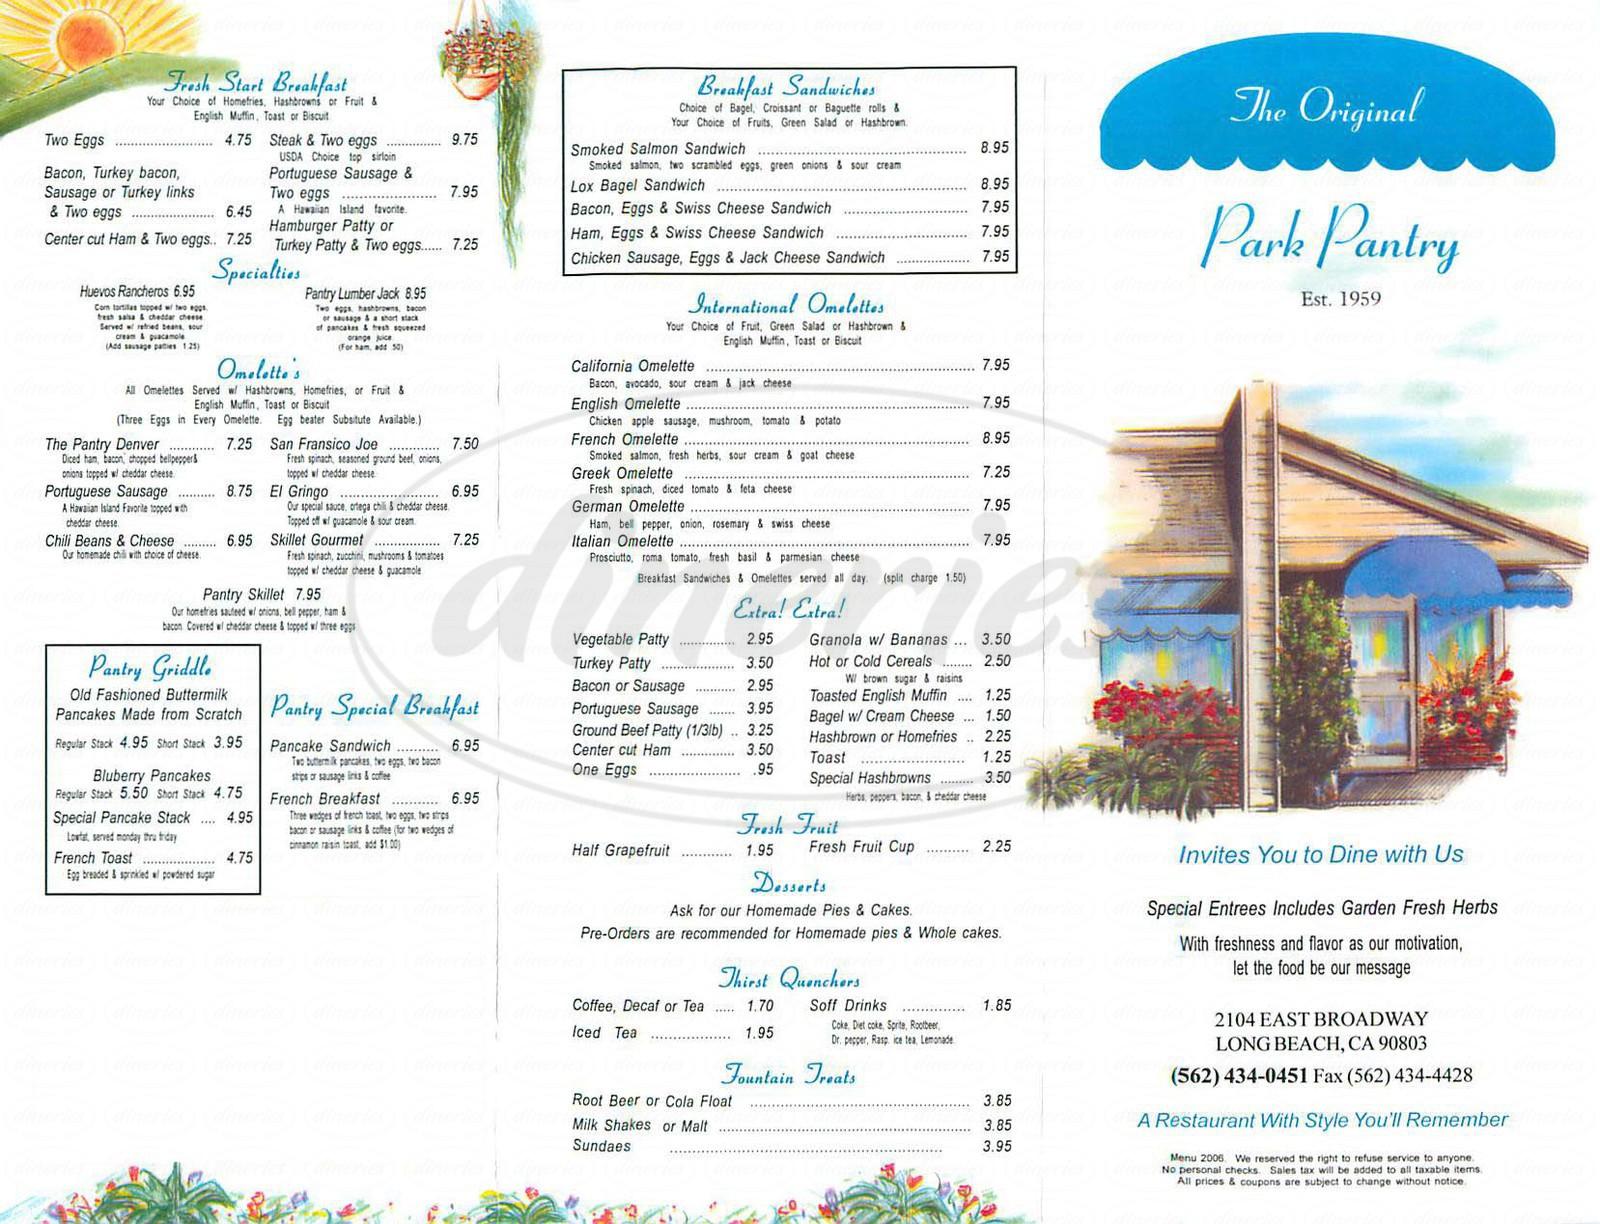 menu for The Original Park Pantry